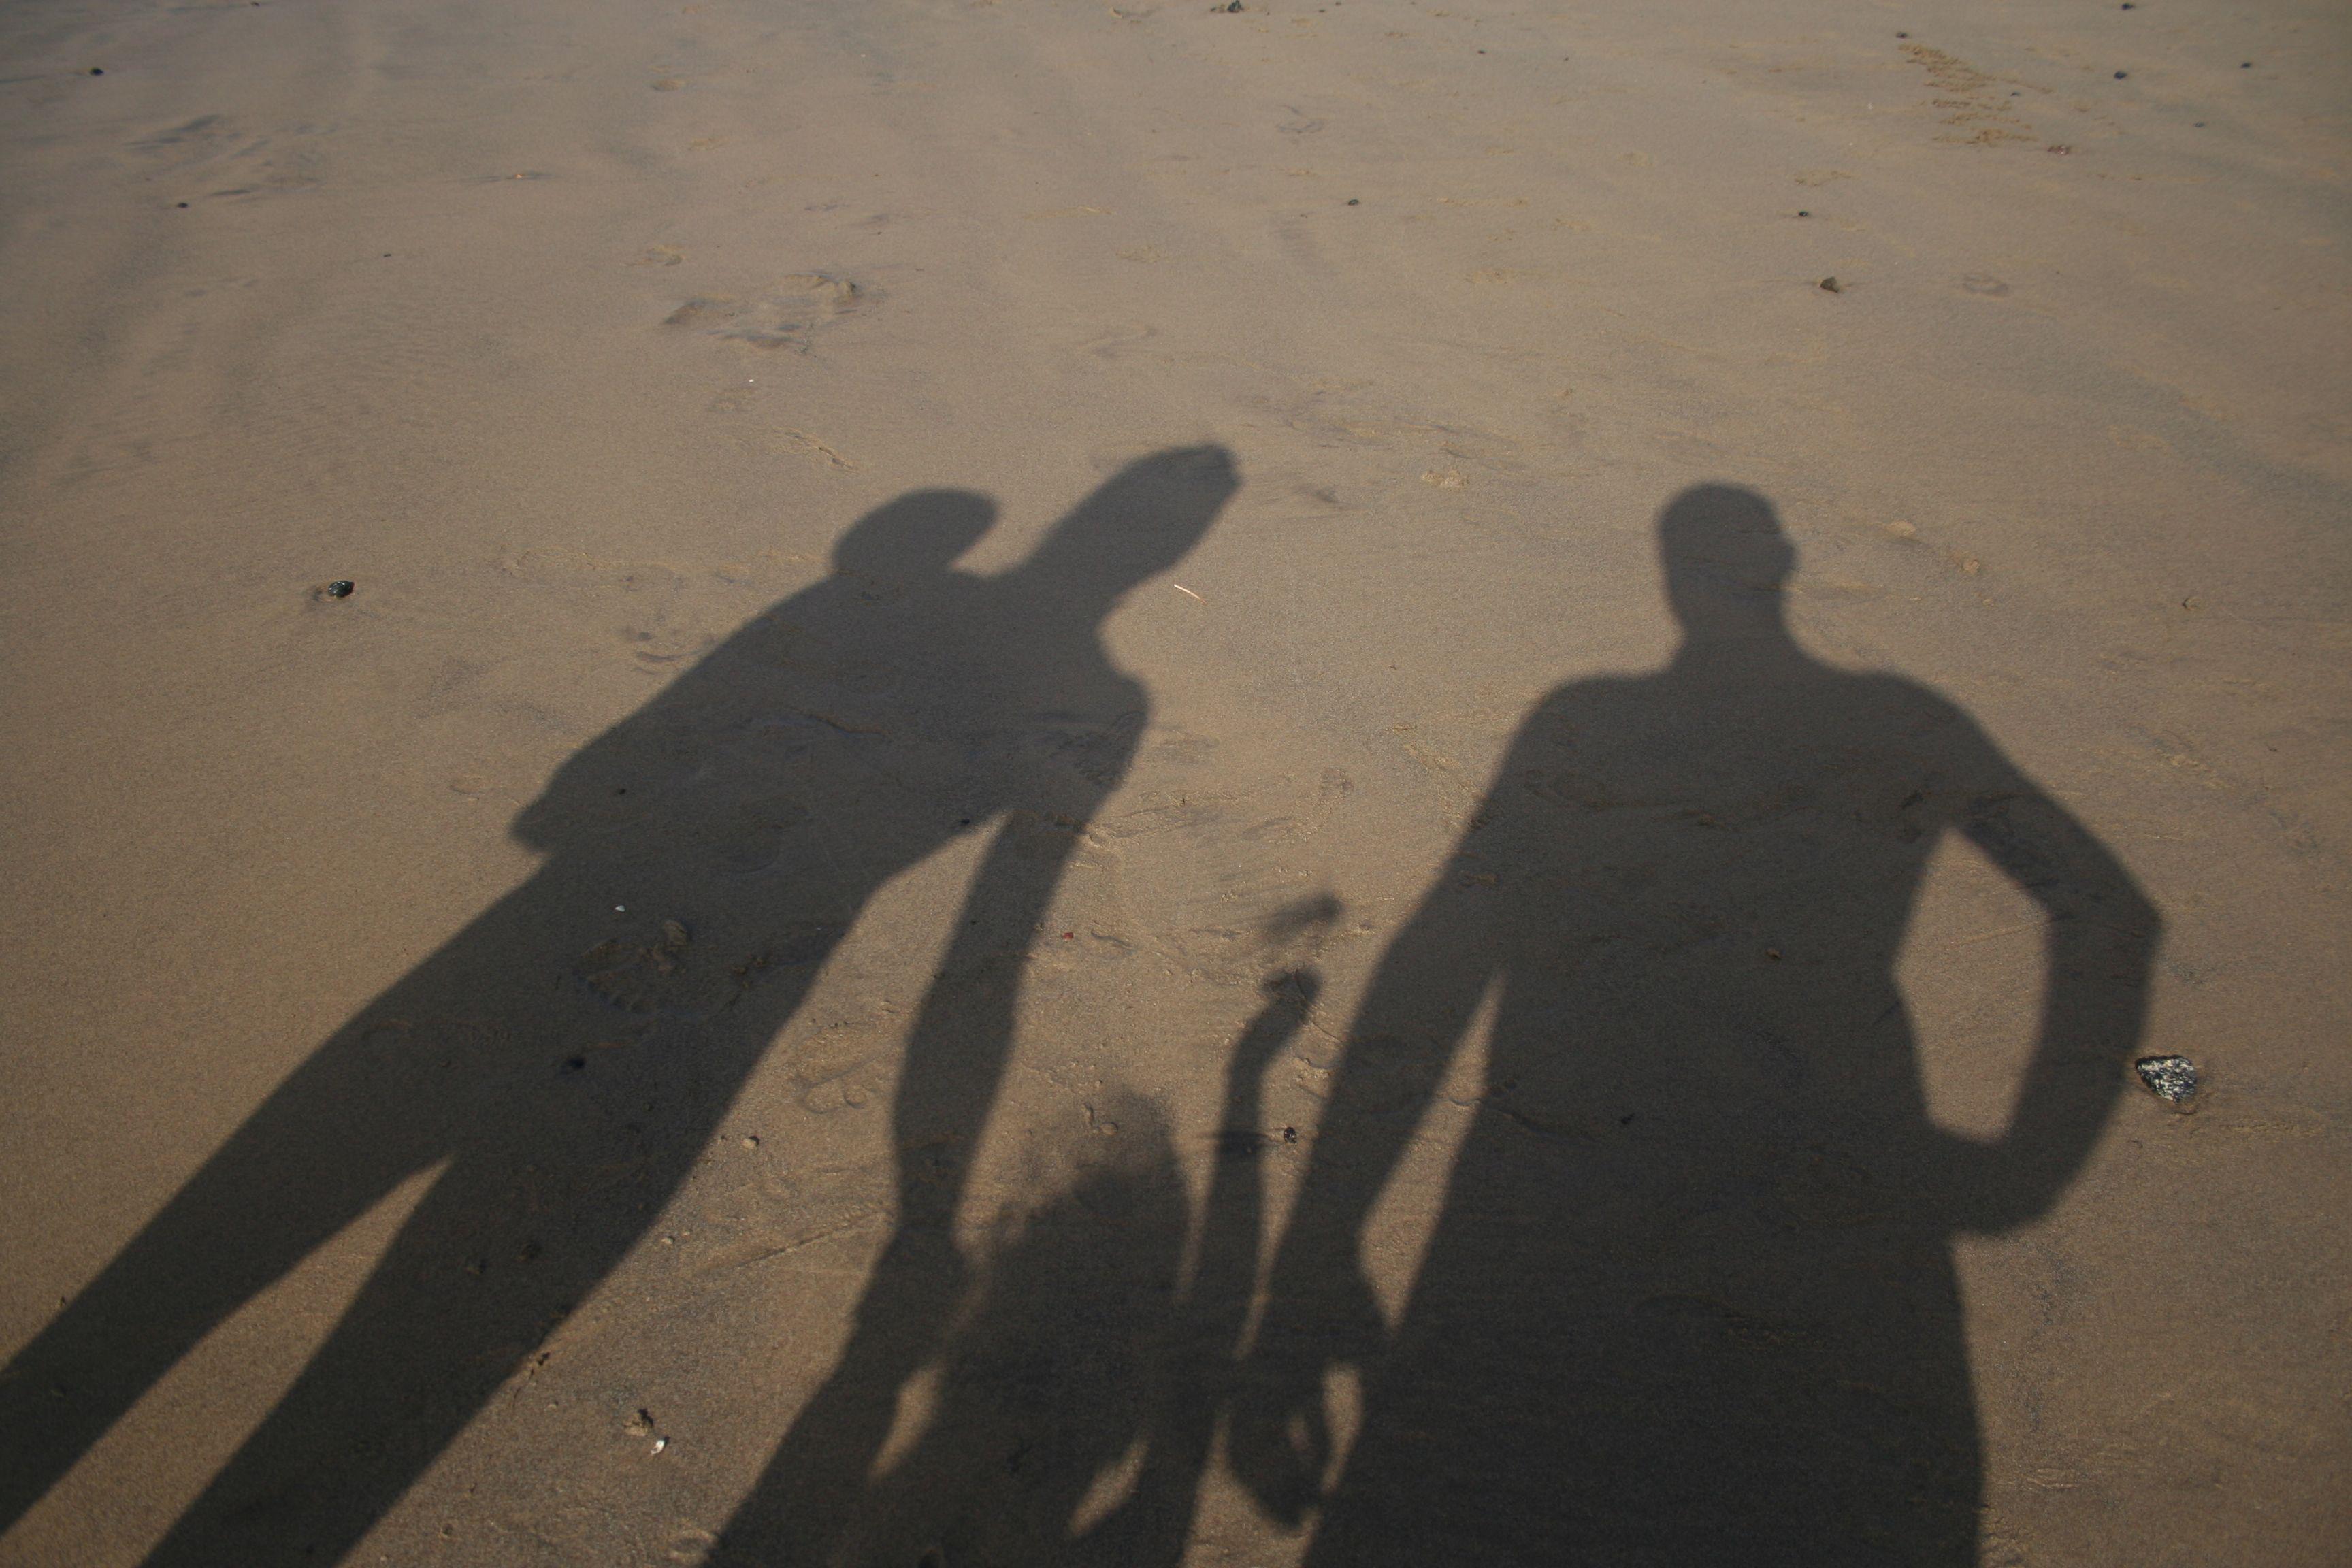 Sombras en la arena - Lanzarote 2012